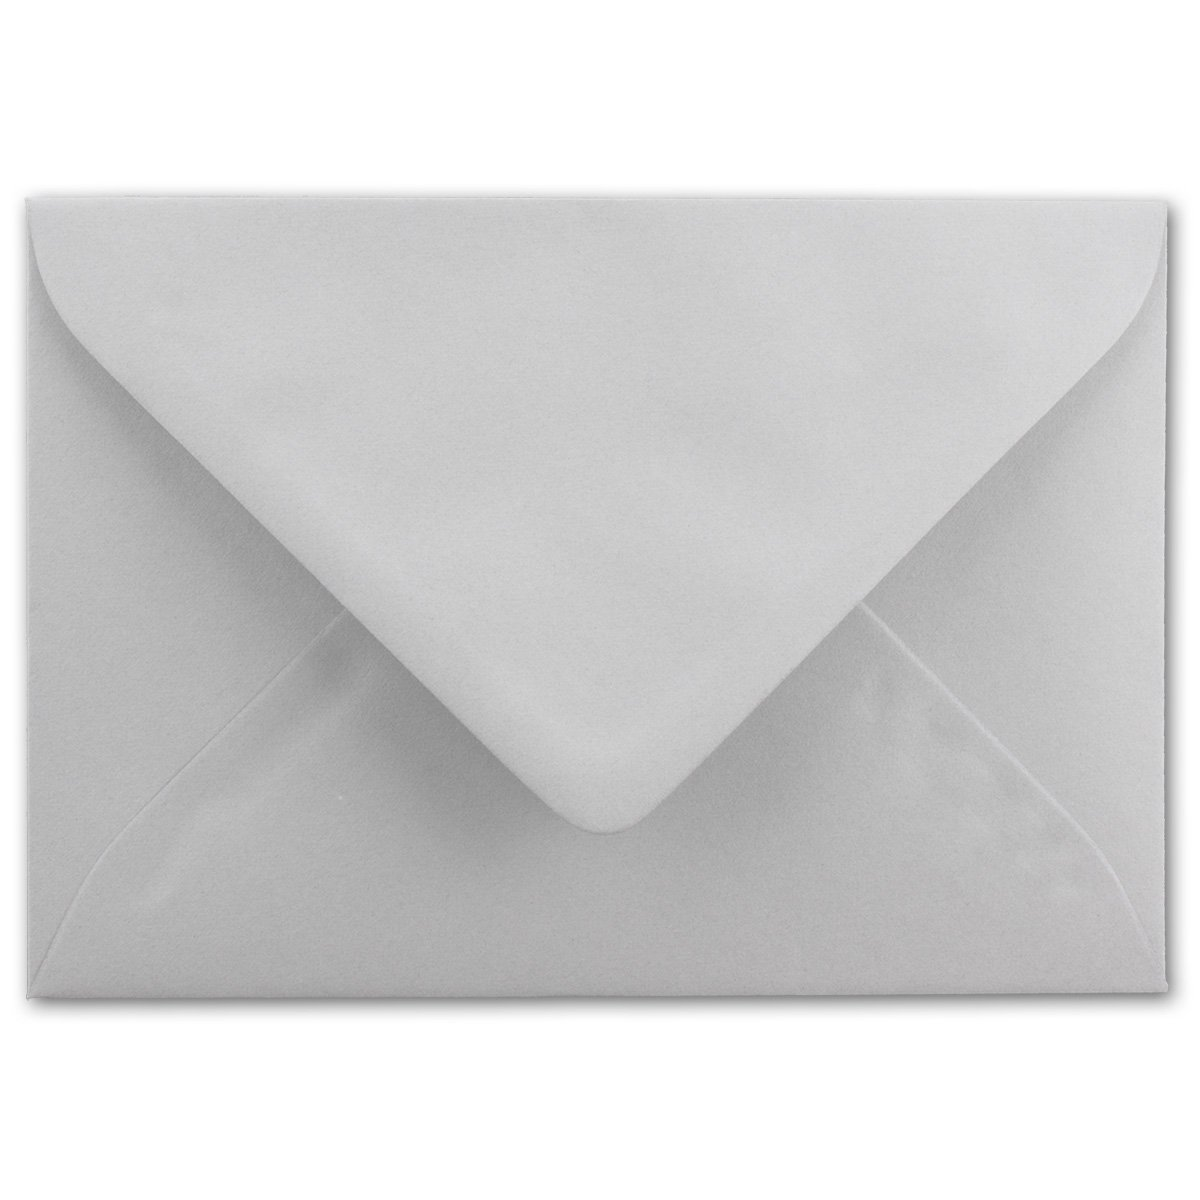 formato DIN A6 con buste in formato DIN C6 dotate di bordo da inumidire senza scatola 20 Karten-Sets grigio chiaro Set/di cartoncini pieghevoli